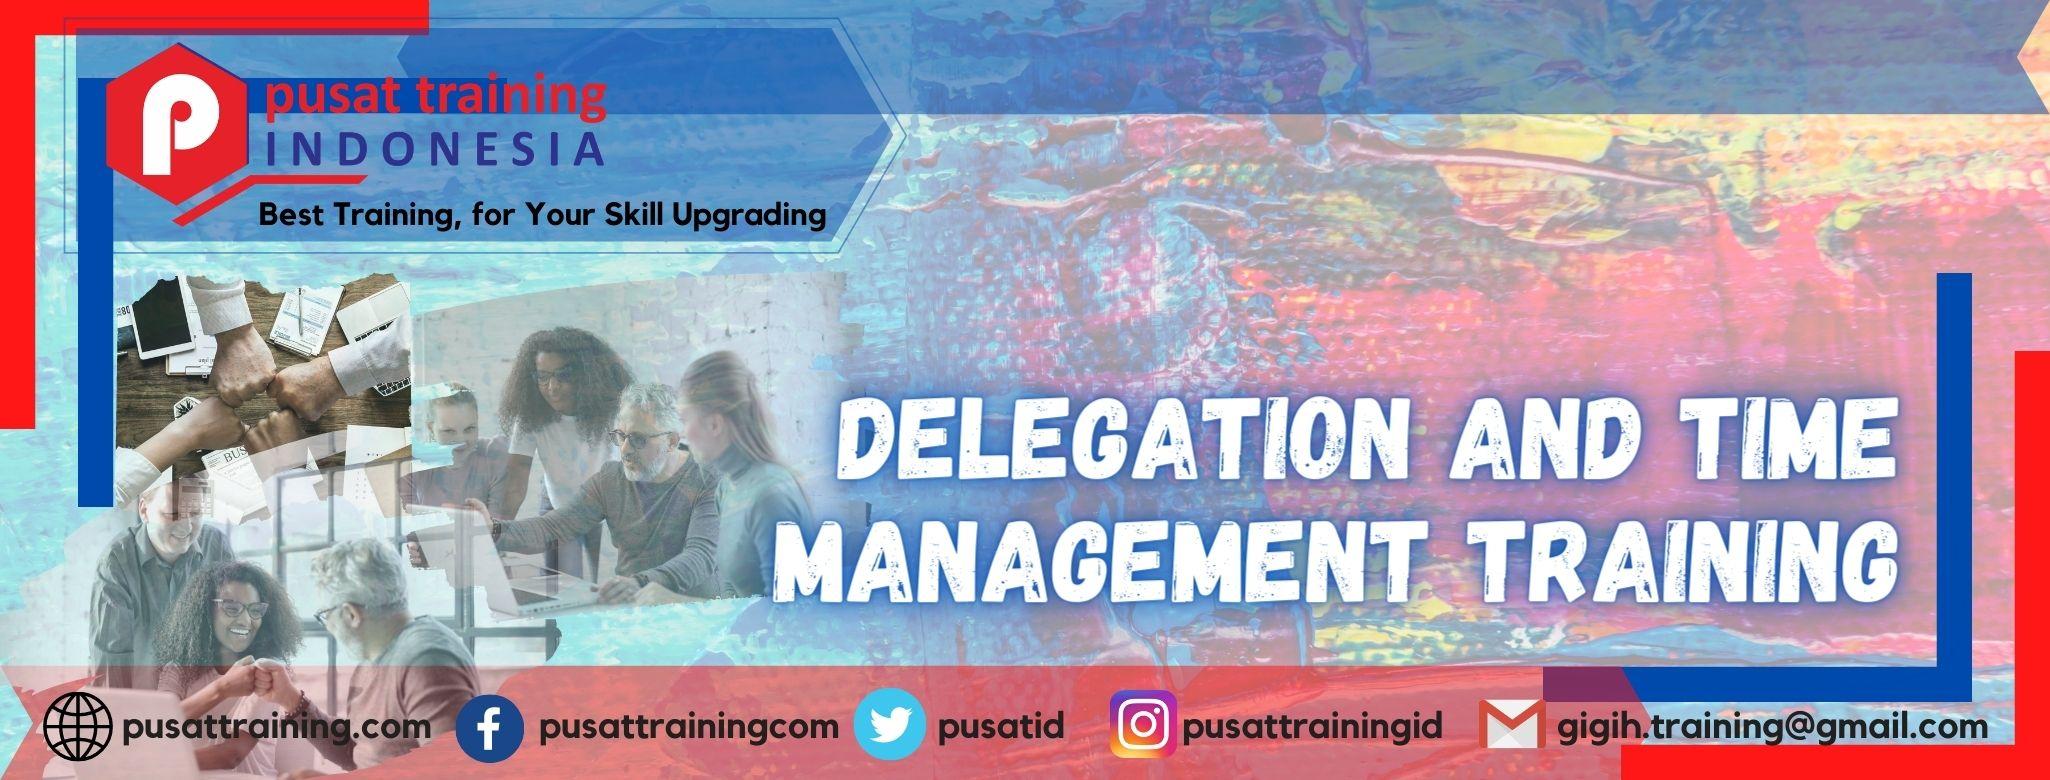 pelatihan-delegation-and-time-management